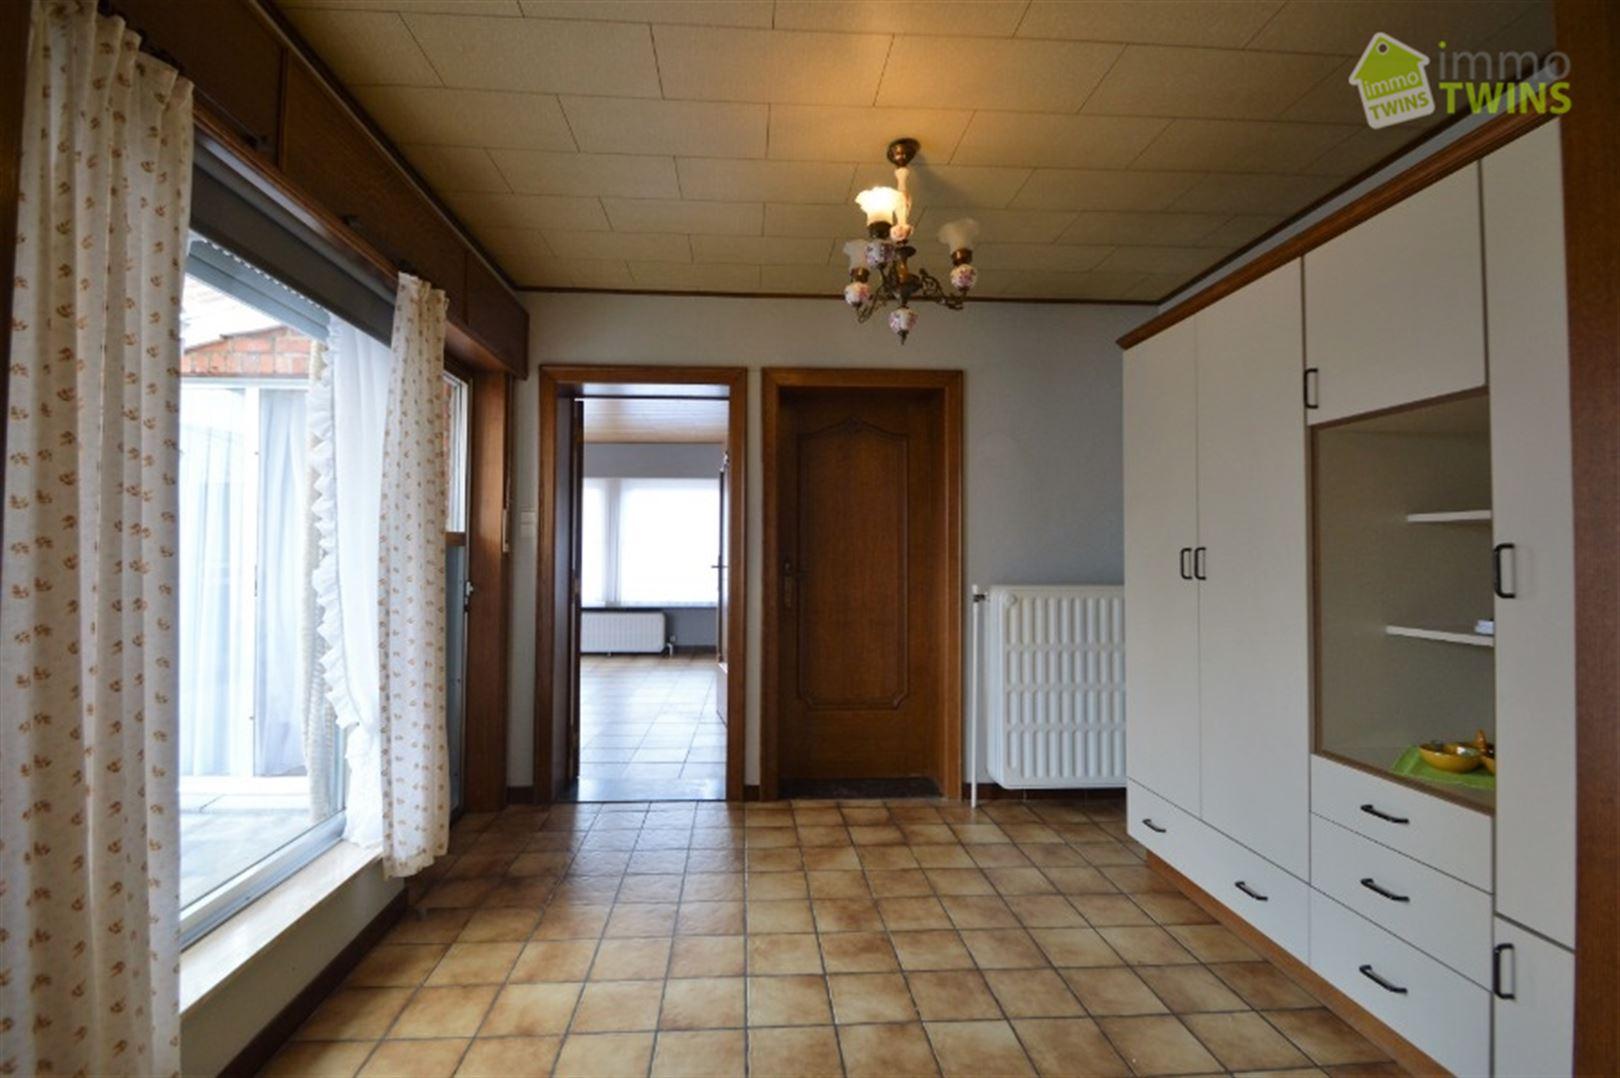 Foto 8 : Appartement te 9200 Oudegem (België) - Prijs € 700